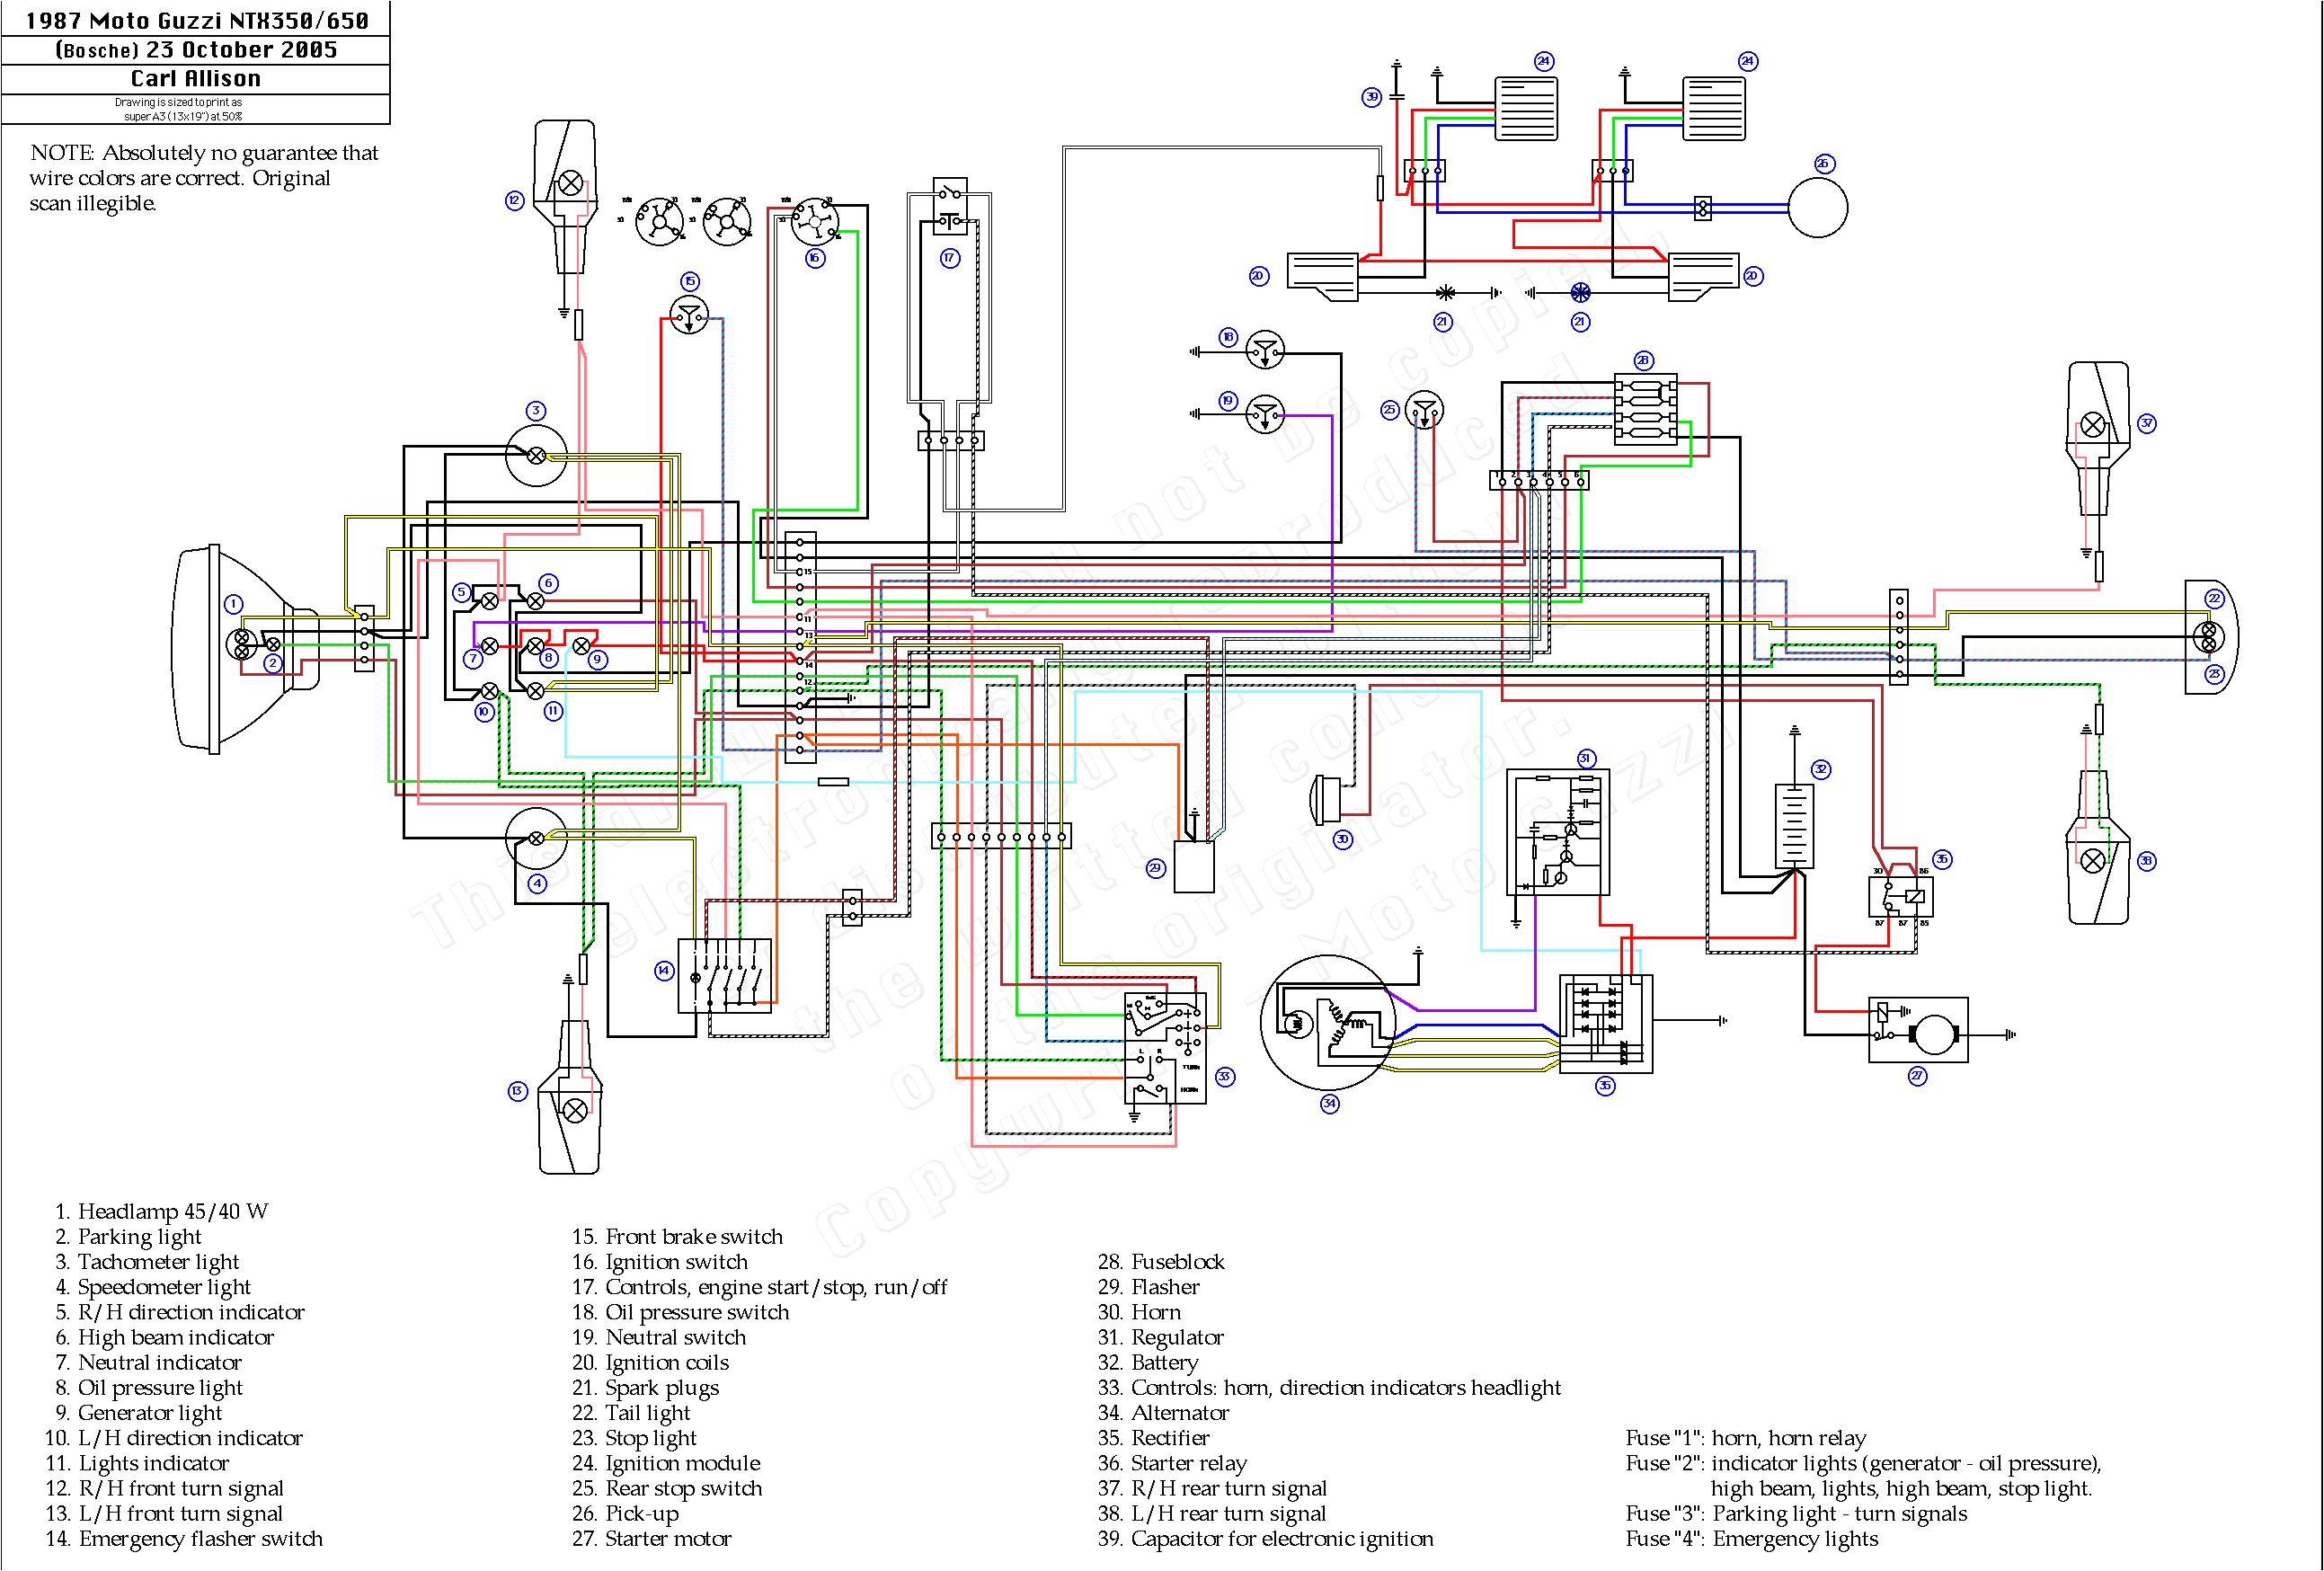 2001 Yamaha Warrior 350 Wiring Diagram is 350 Wiring Diagram Wiring Diagram